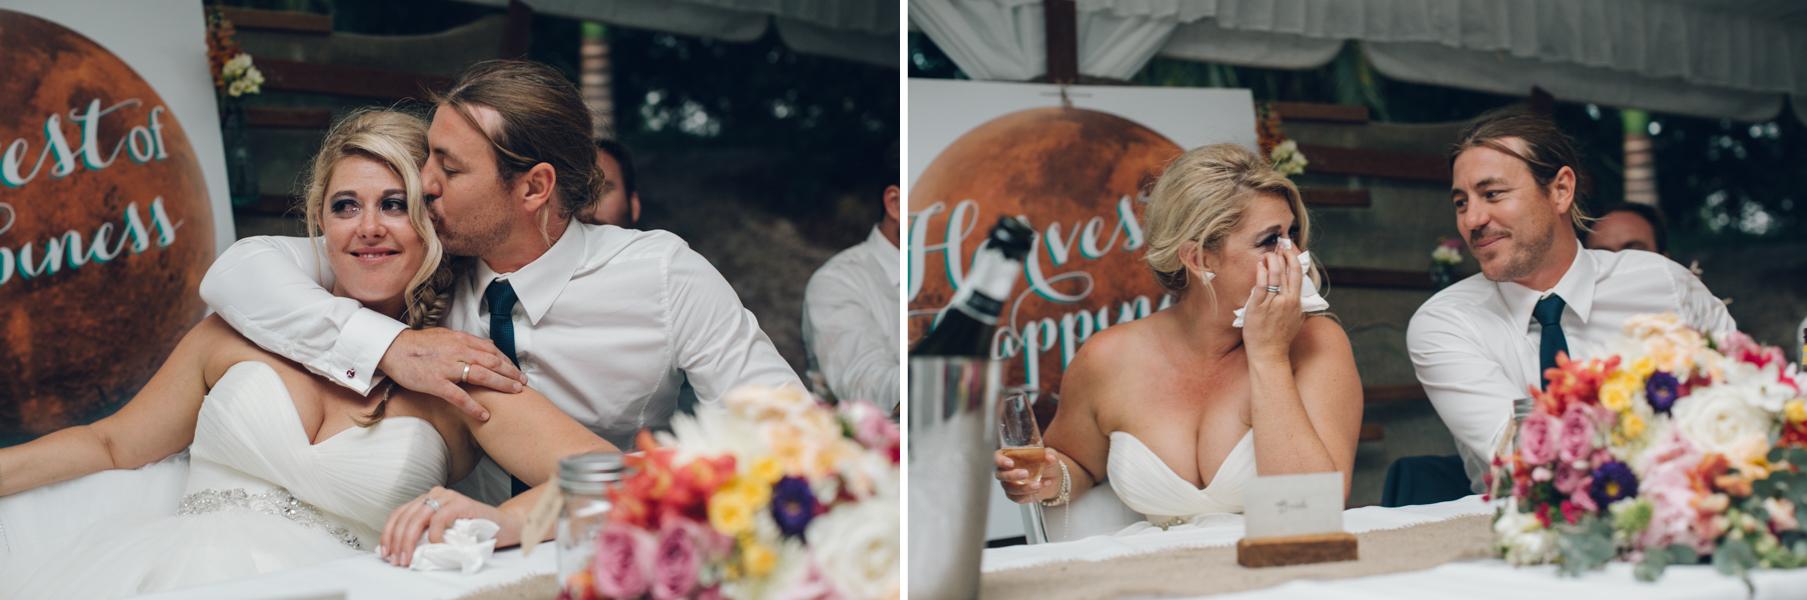 Erin & Craig Byron Bay Wedding Photography 36.jpg